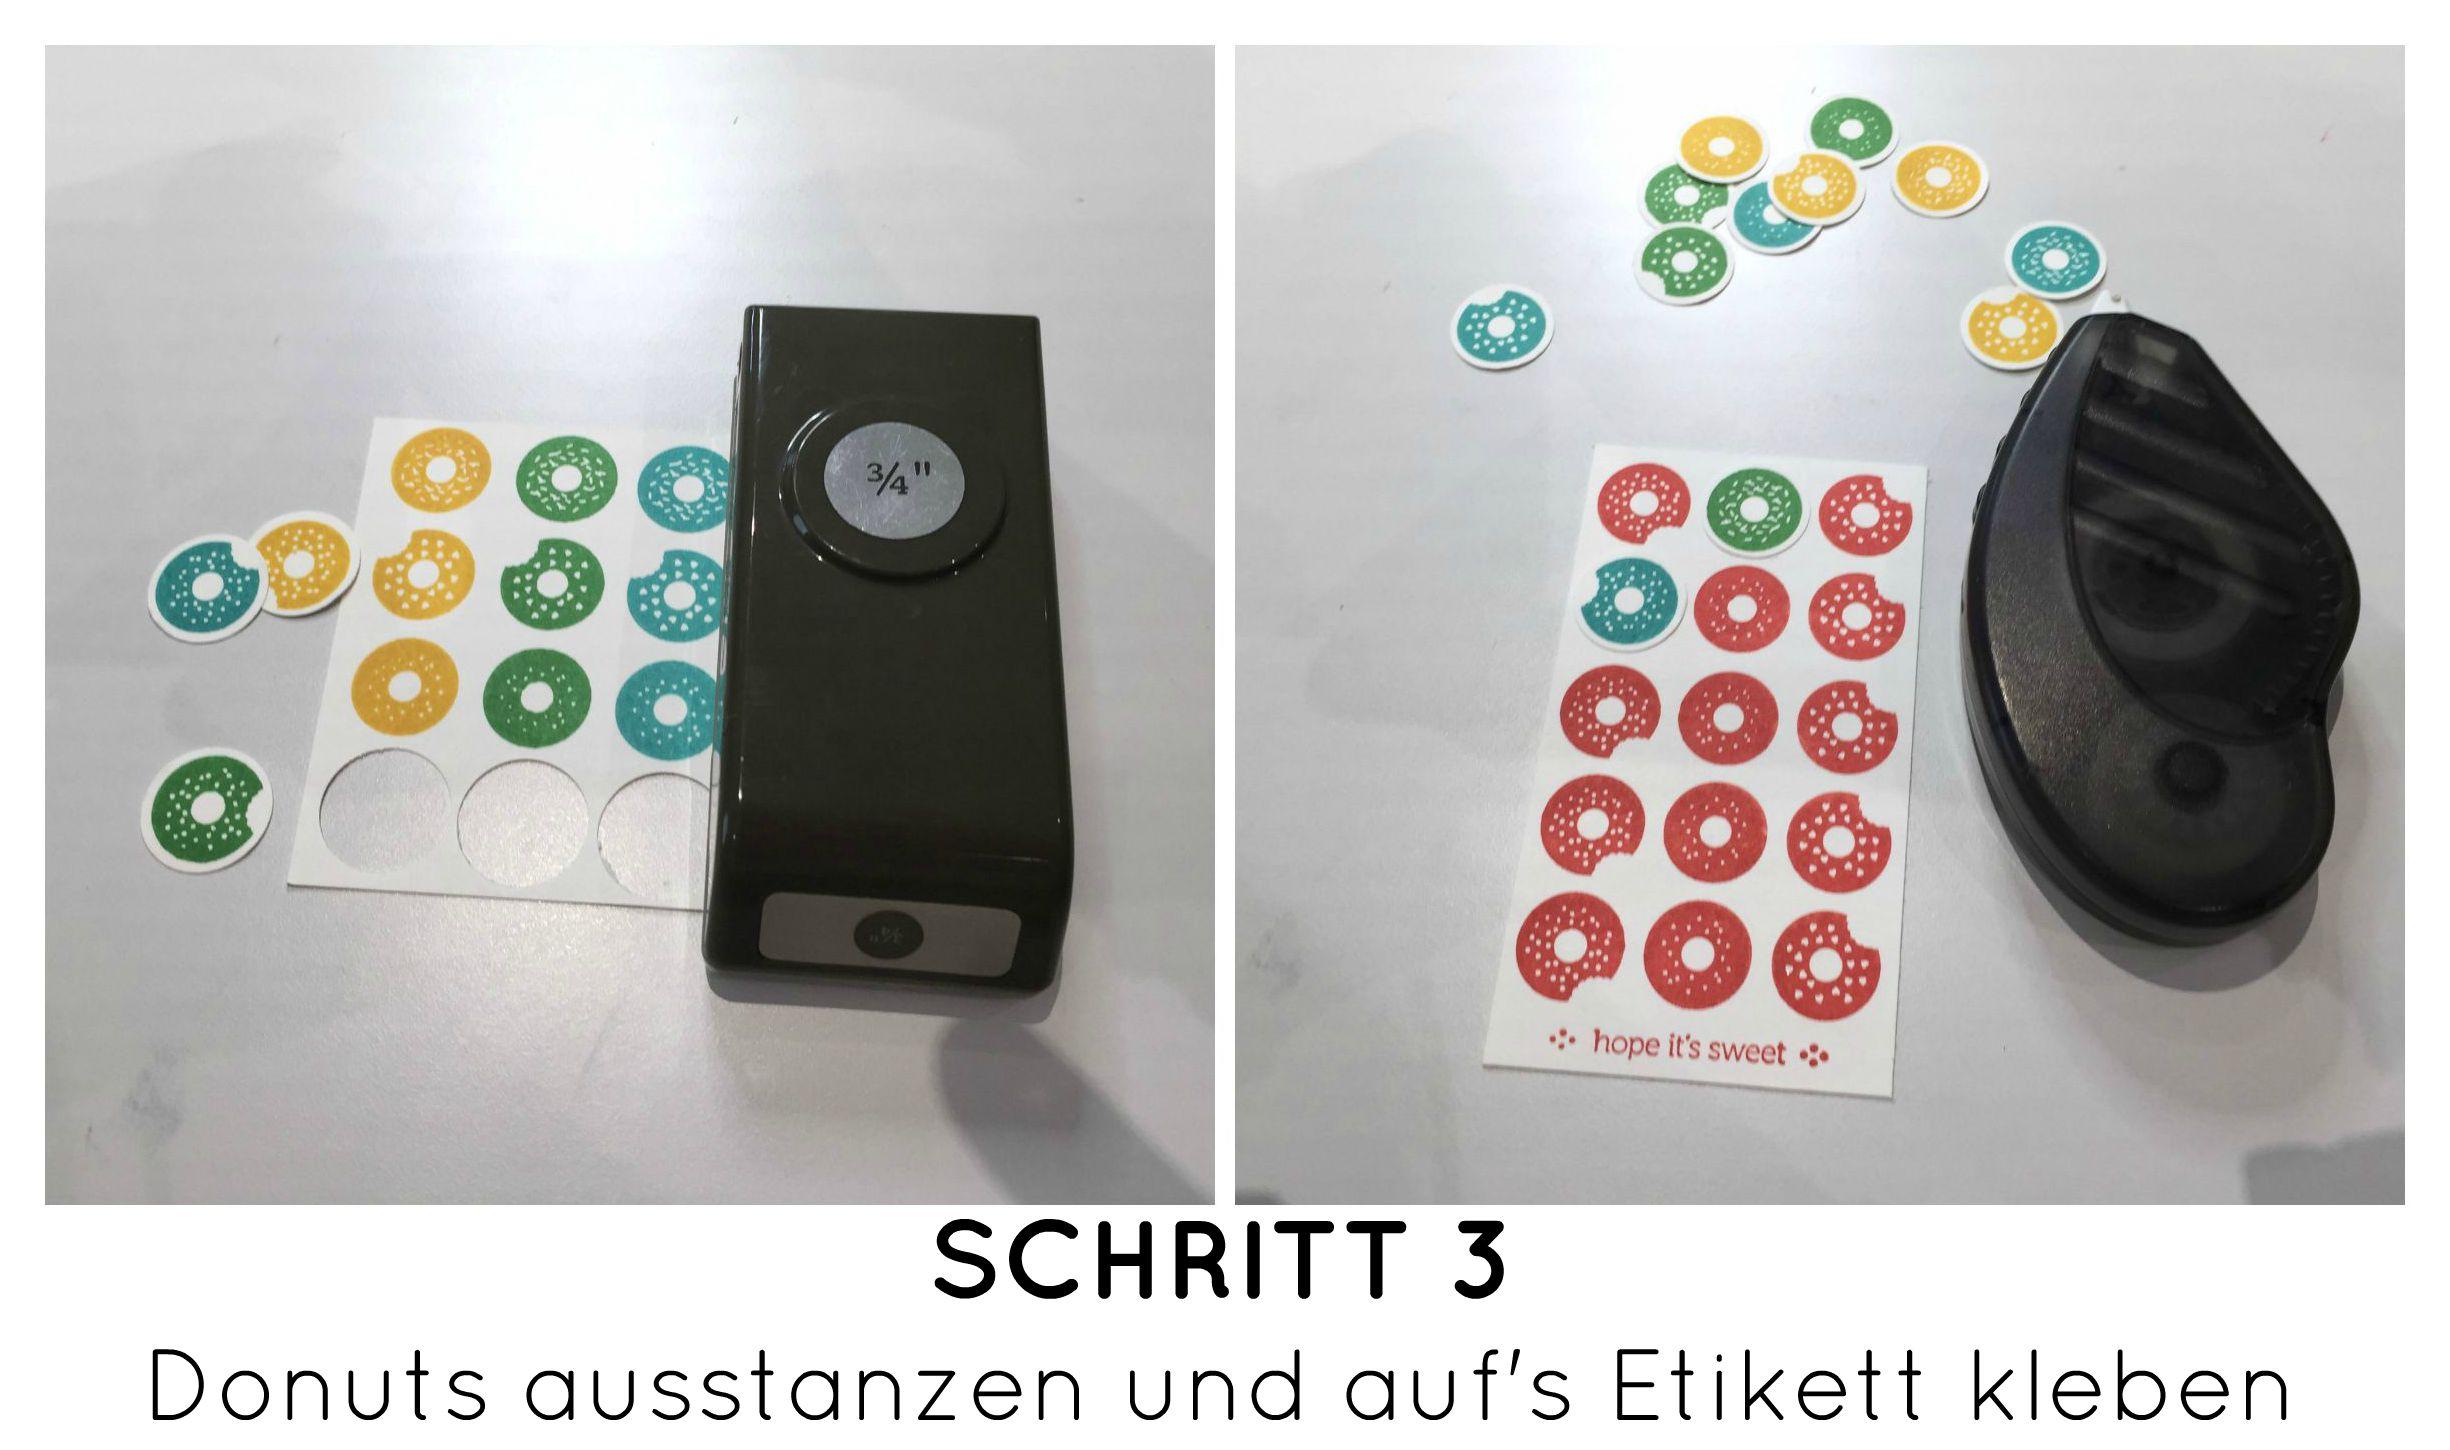 Stampin Up-Stempelherz-Geburtstag-Verpackung-Bag-Geburtstagskarte-Zeig es am Montag Geburtstagsset Sprinkles on Top - Schritt 03b